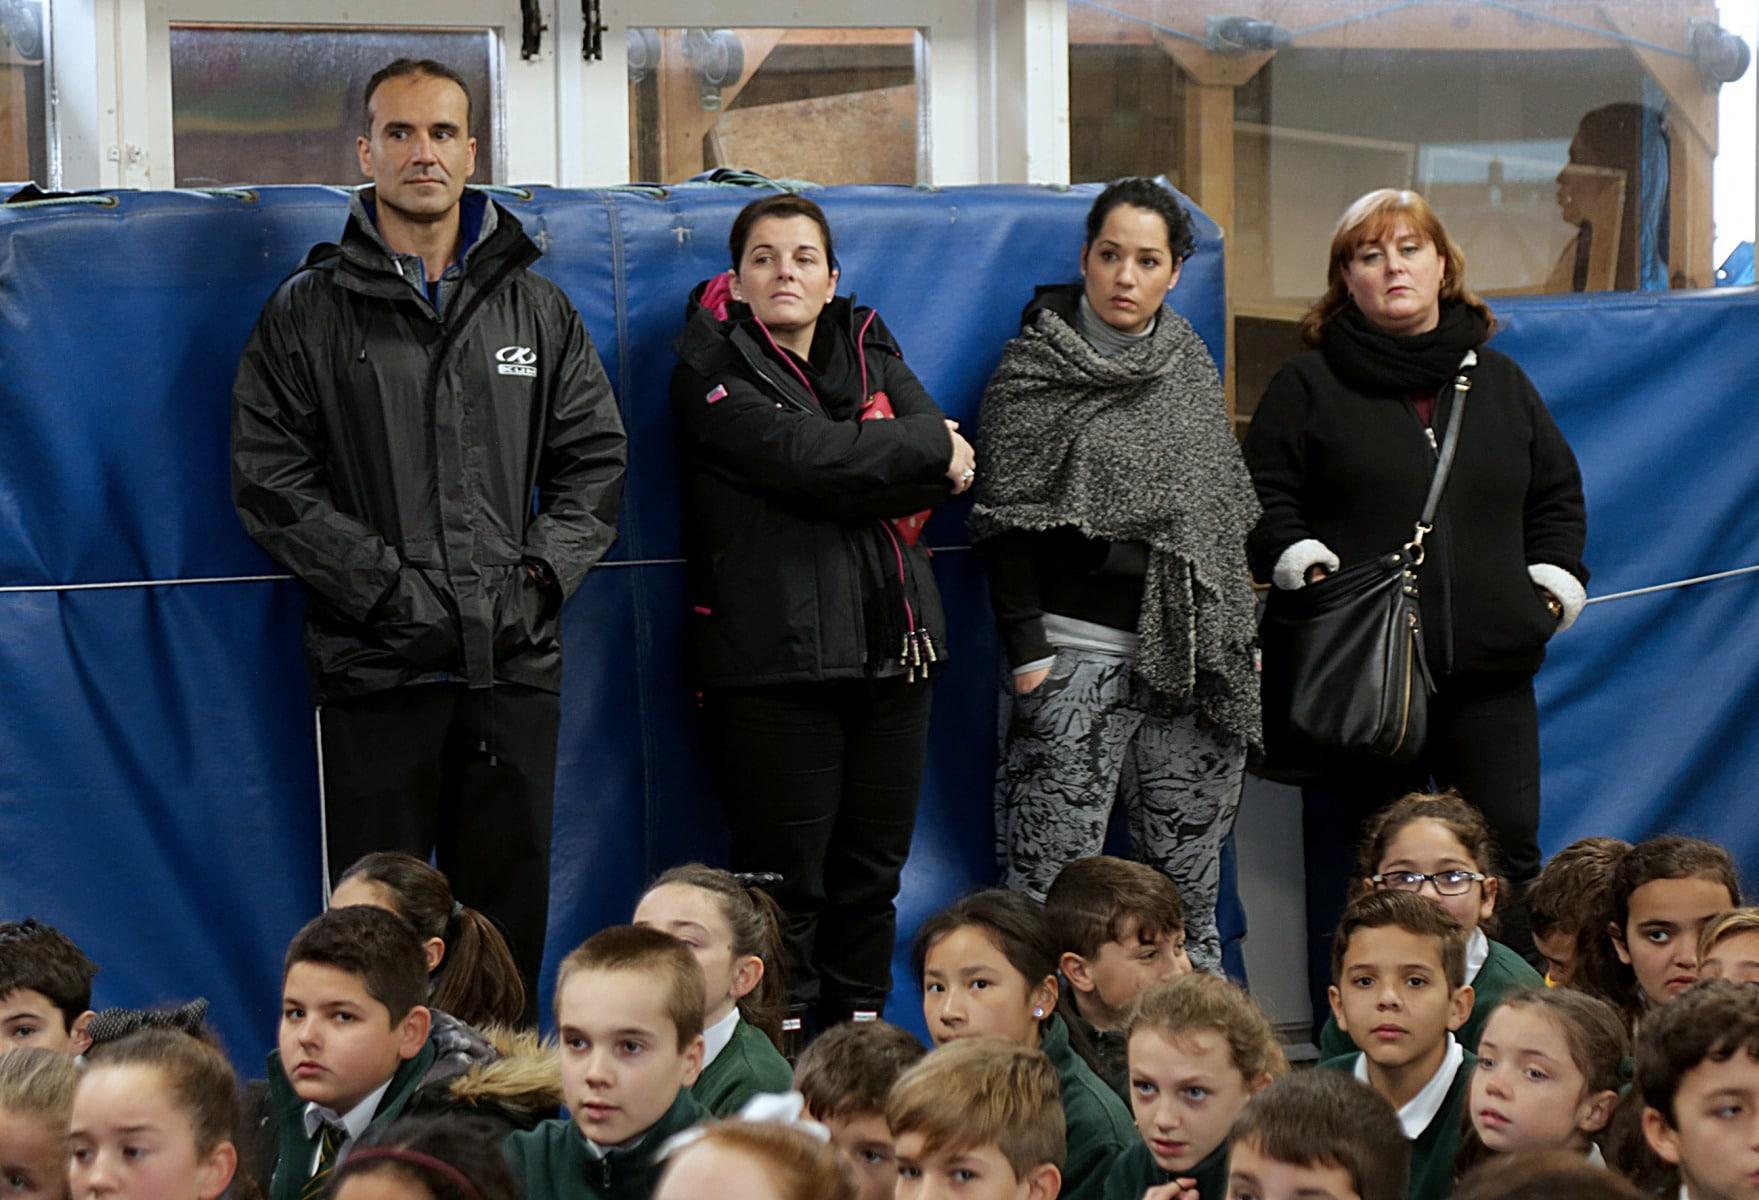 27-ene-17-alumnos-de-la-escuela-obispo-fitzgerald-de-gibraltar-conmemoran-el-holocausto_32513356786_o